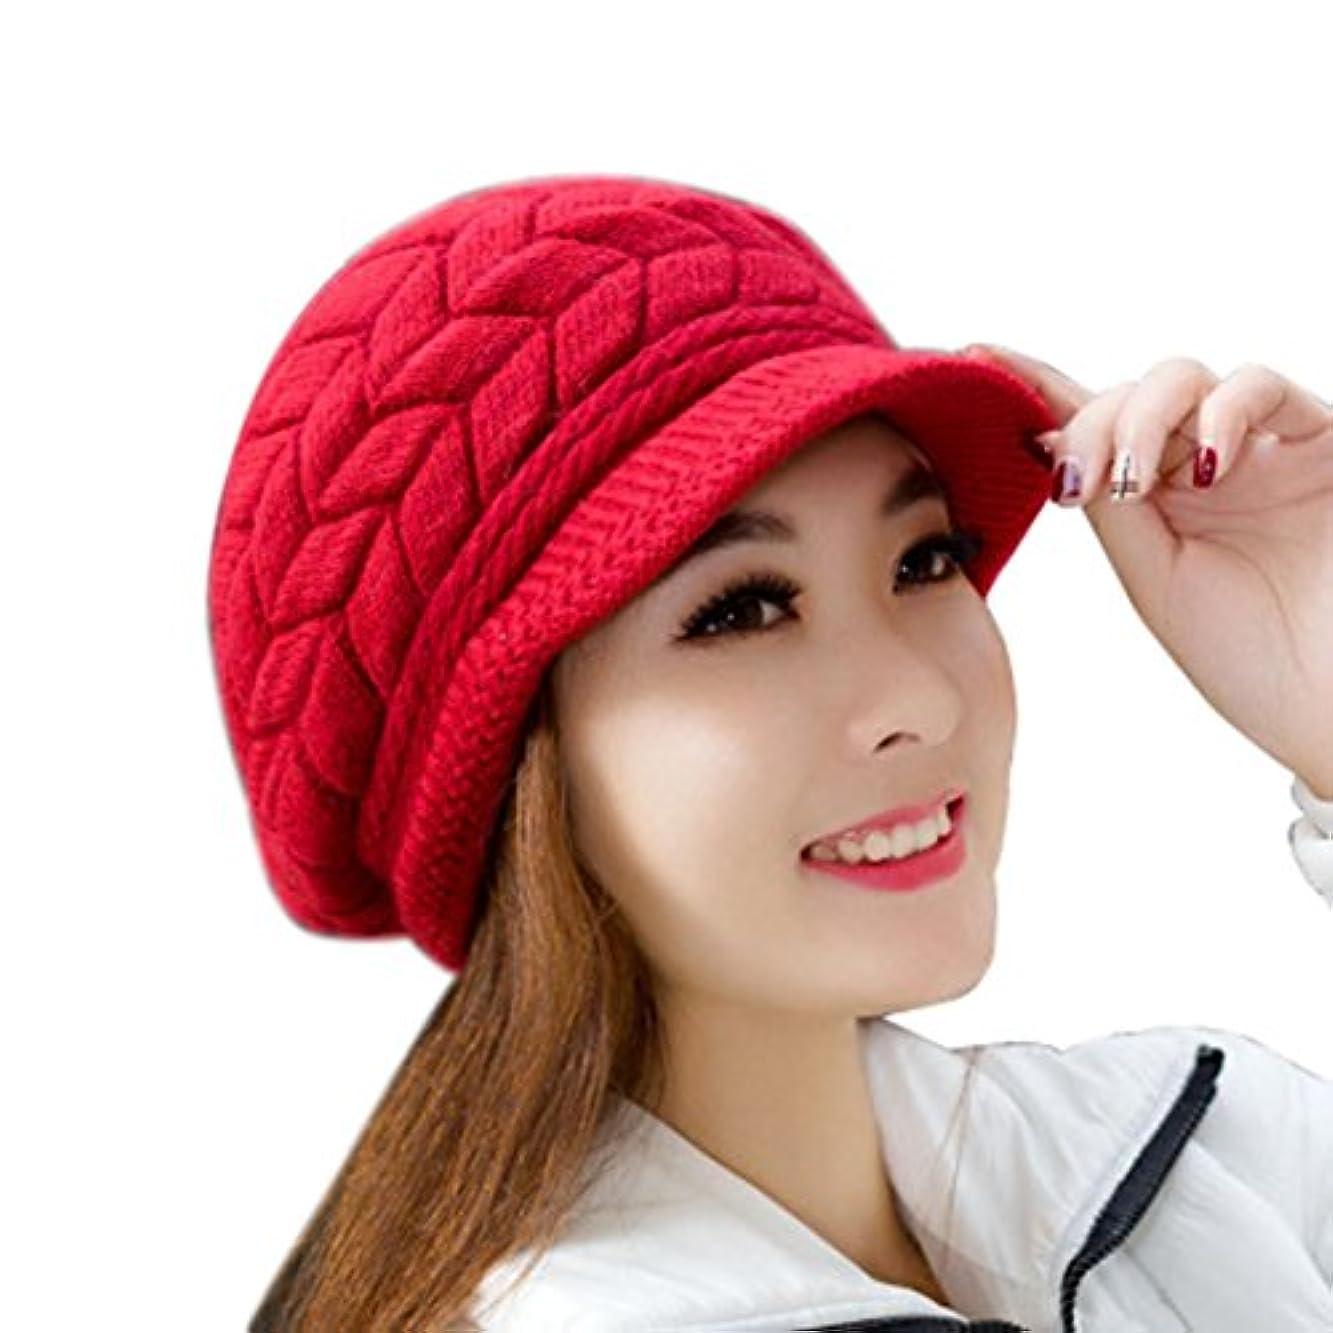 黄ばむ不運葬儀Siniaoファッションレディース帽子冬Skulliesビーニーニットハットウサギファーキャップスイカレッド